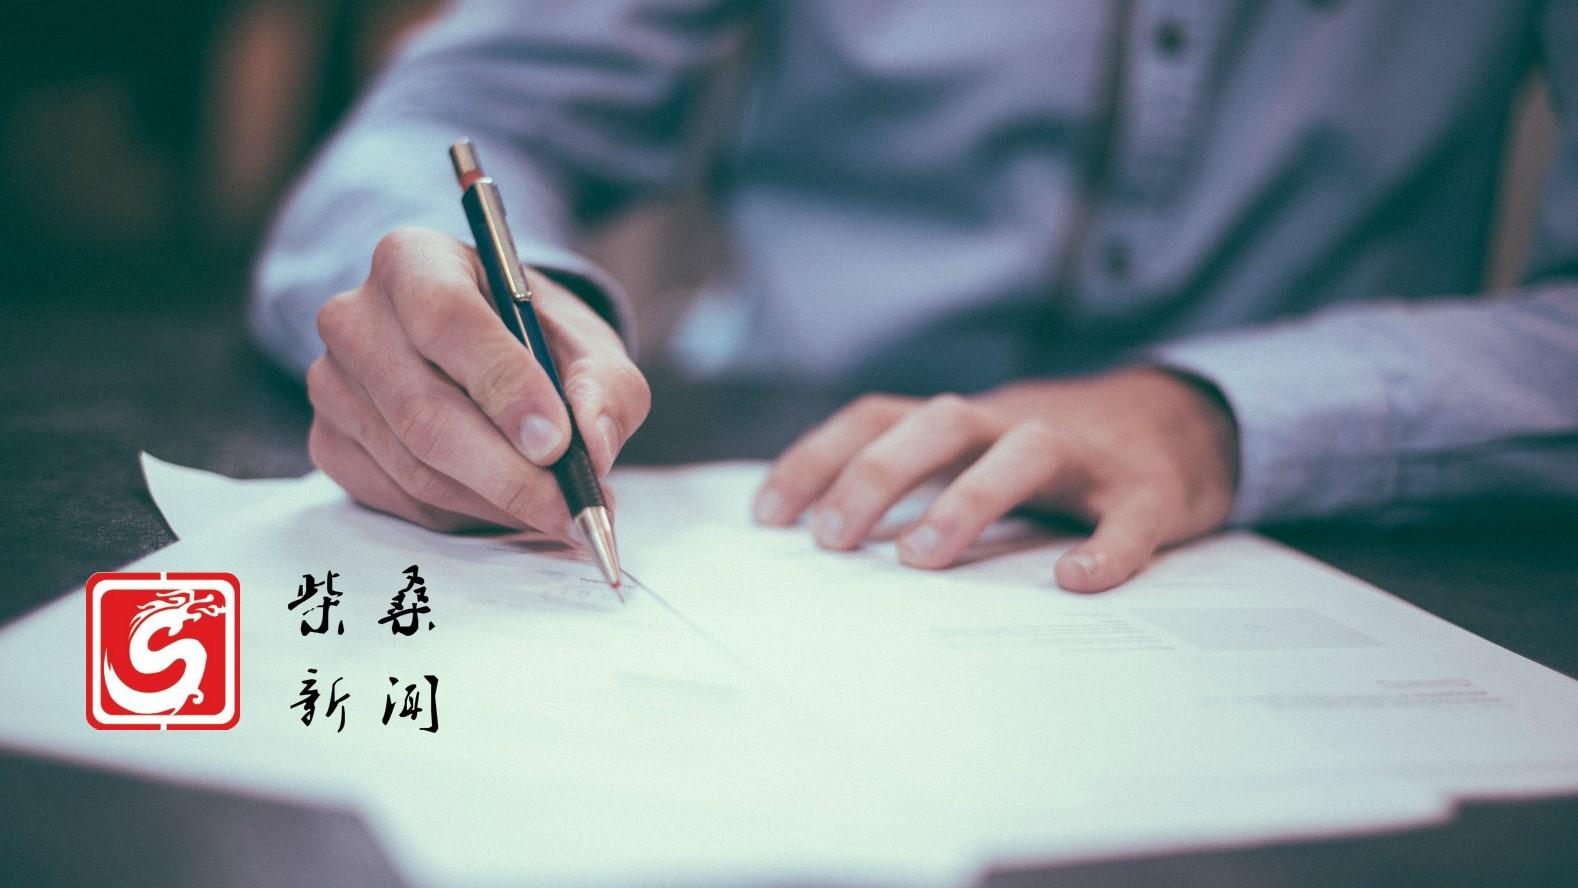 【柴桑新闻】我所赵江宇律师受邀为中国邮政储蓄银行作专题讲座